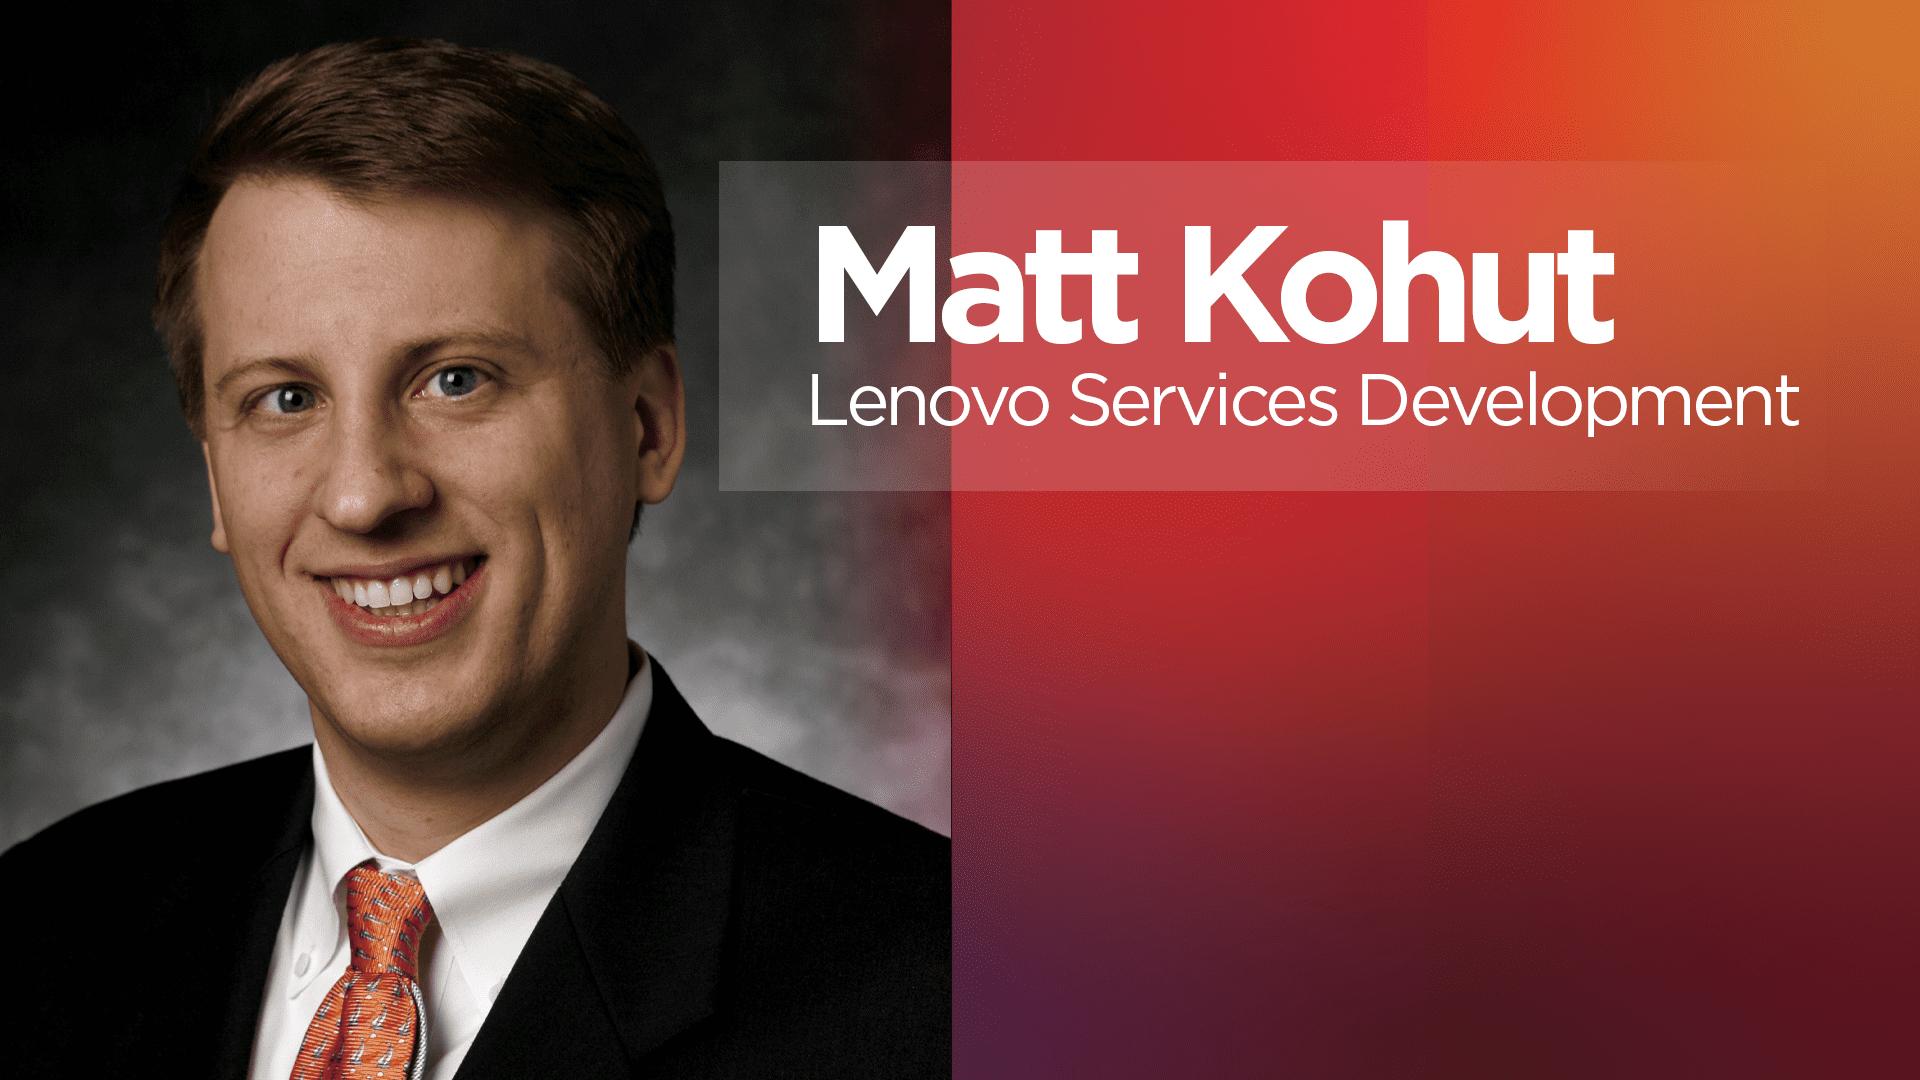 Lenovo's Matt Kohut